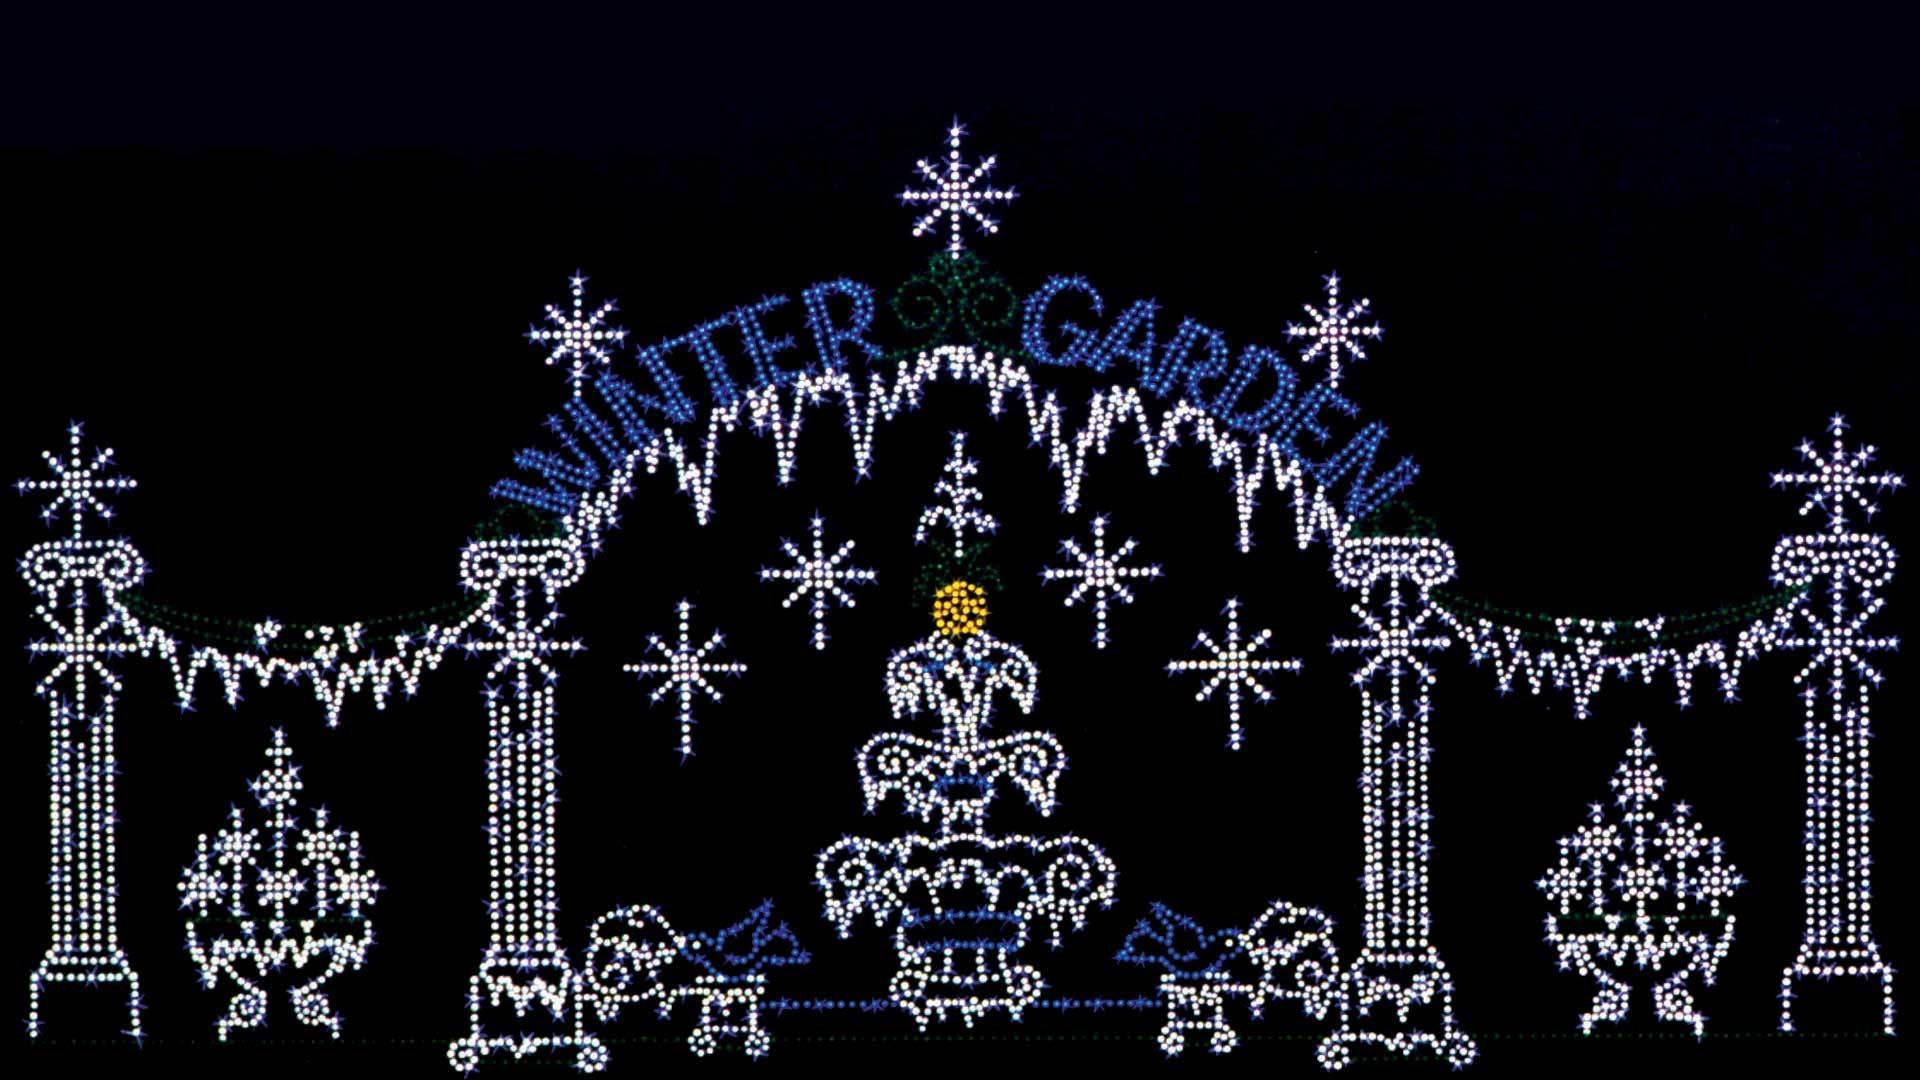 WinterGarden1920x1080